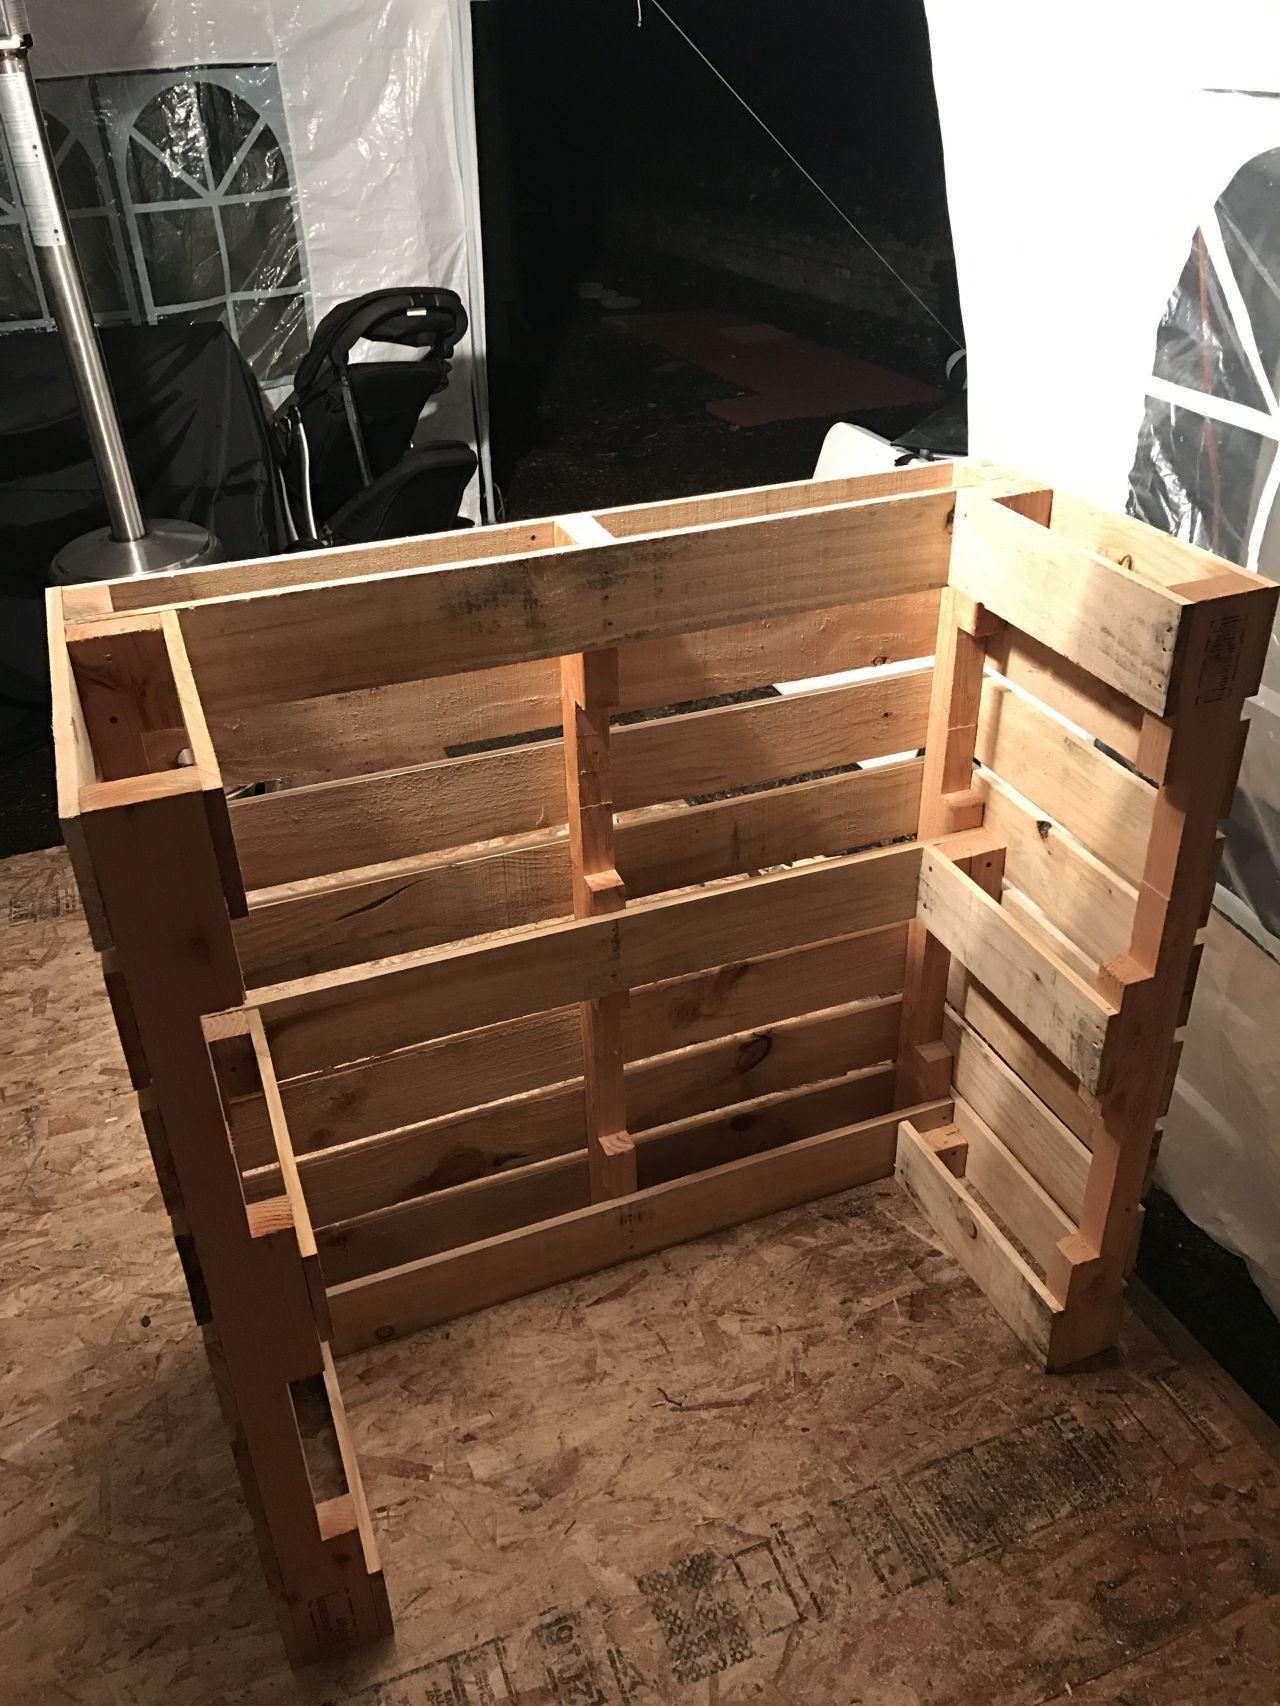 15 Cool Diy Wood Project Bar Ideas You Can Do It Myself 1 En 2020 Bar En Bois De Palettes